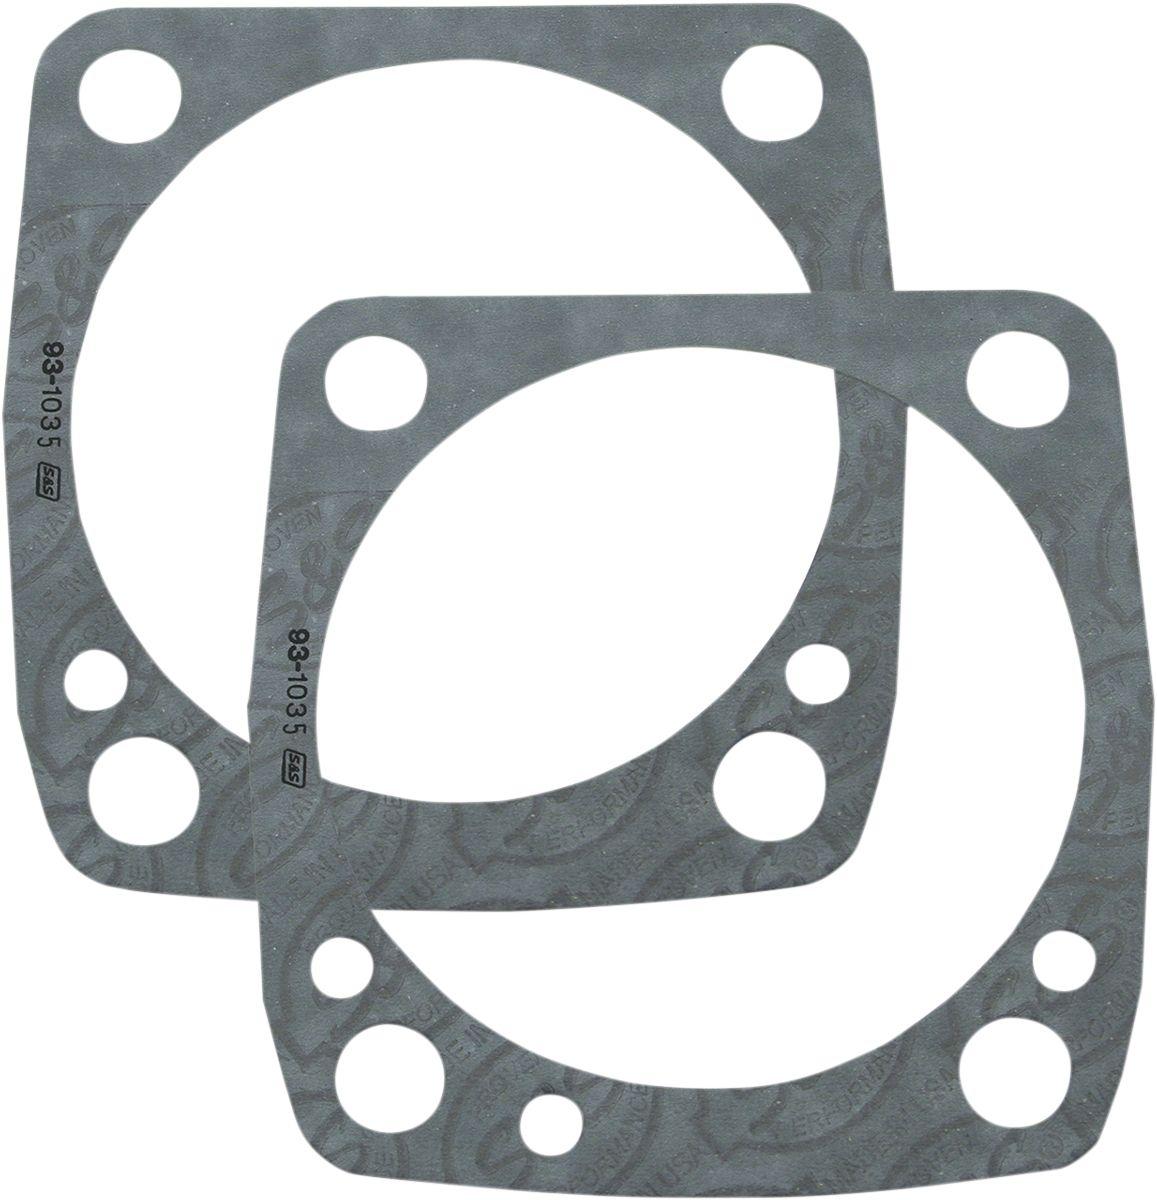 """【S&S CYCLE】汽缸下墊片/ 3.5"""" V2 【GASKETS BASE 3.5""""V2 [0934-5018]】 - 「Webike-摩托百貨」"""